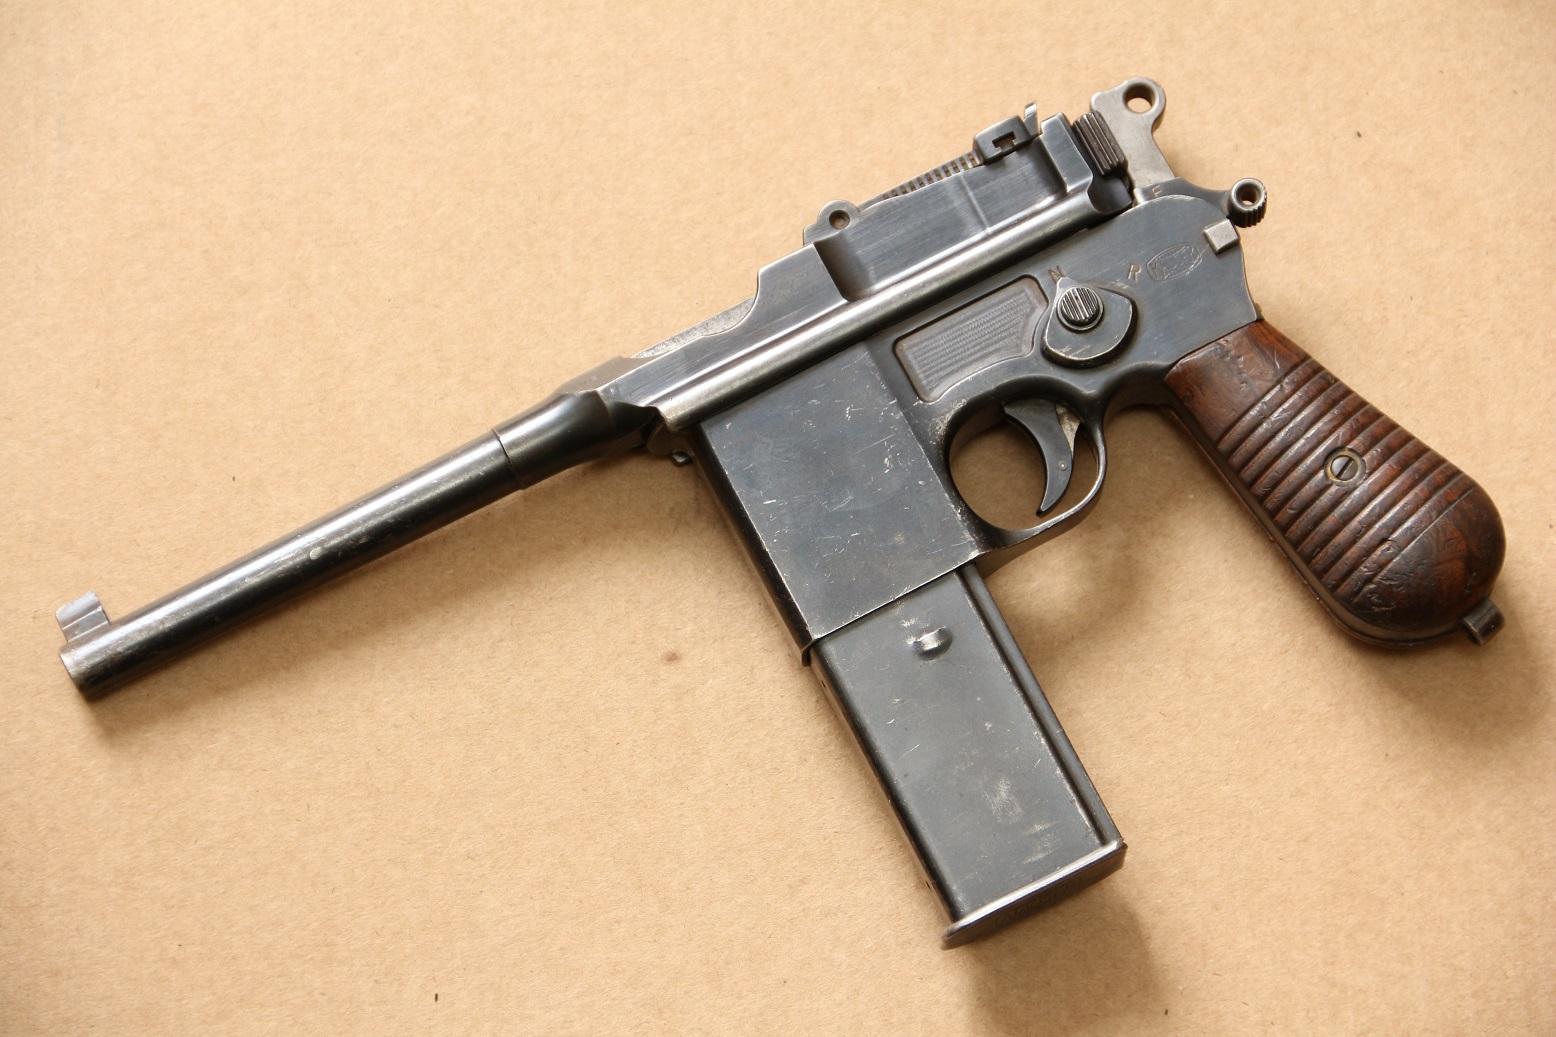 Mauser Schnellfeuer model 712 #74457